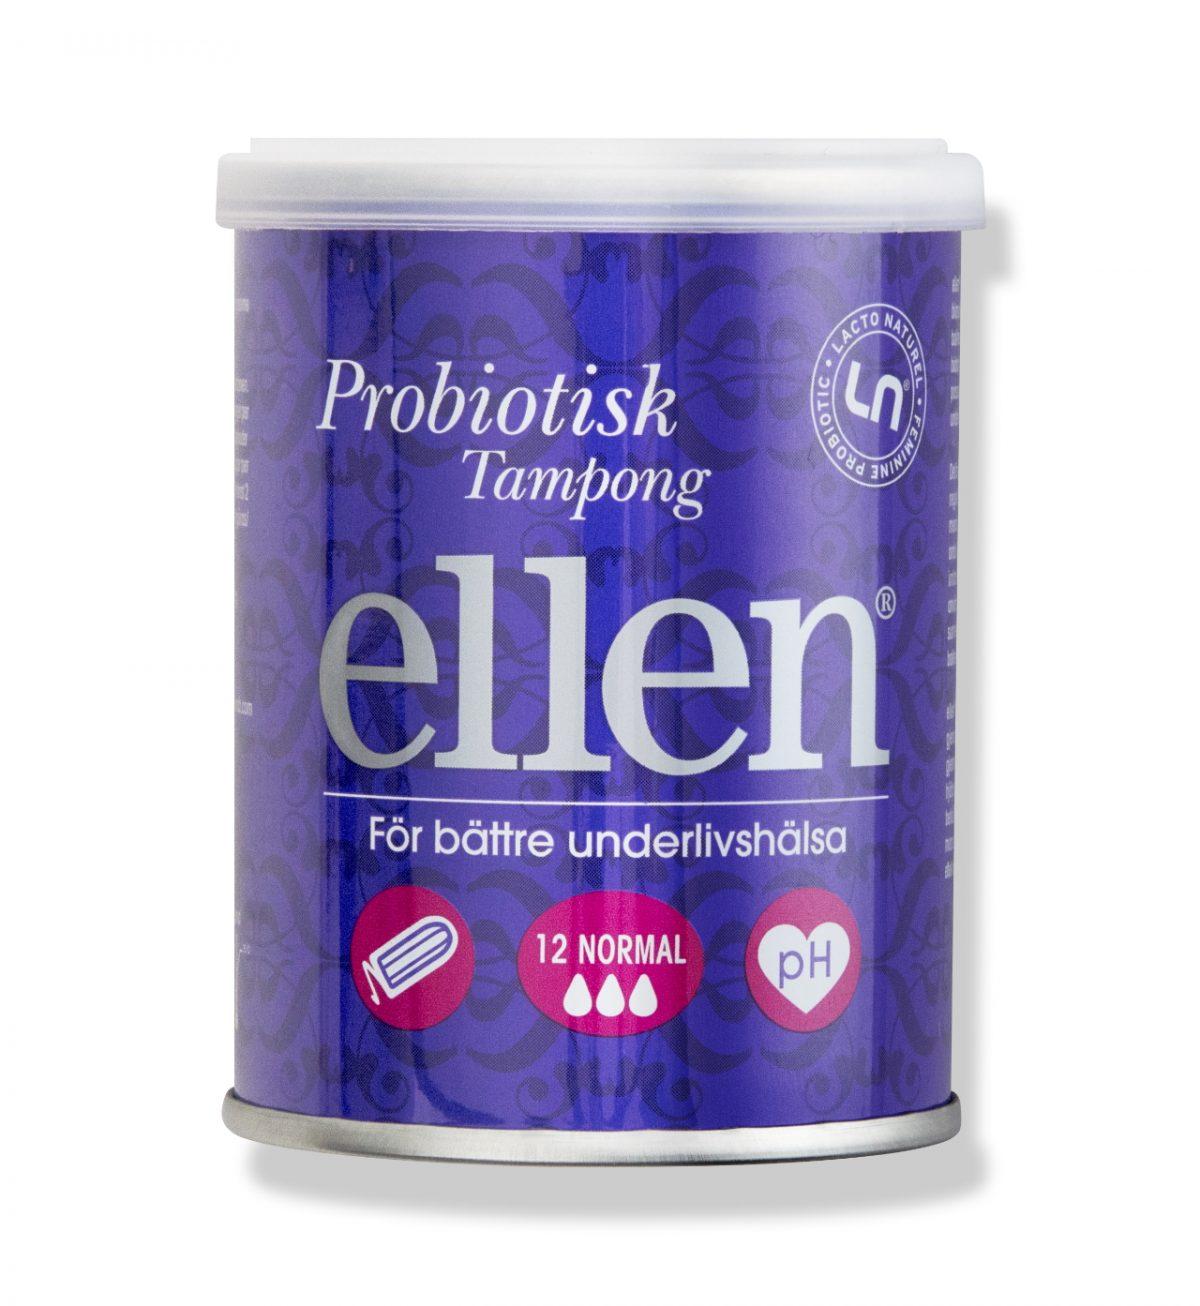 Probiotisk Tampong Medium - Probiotisk tampong - Ellen